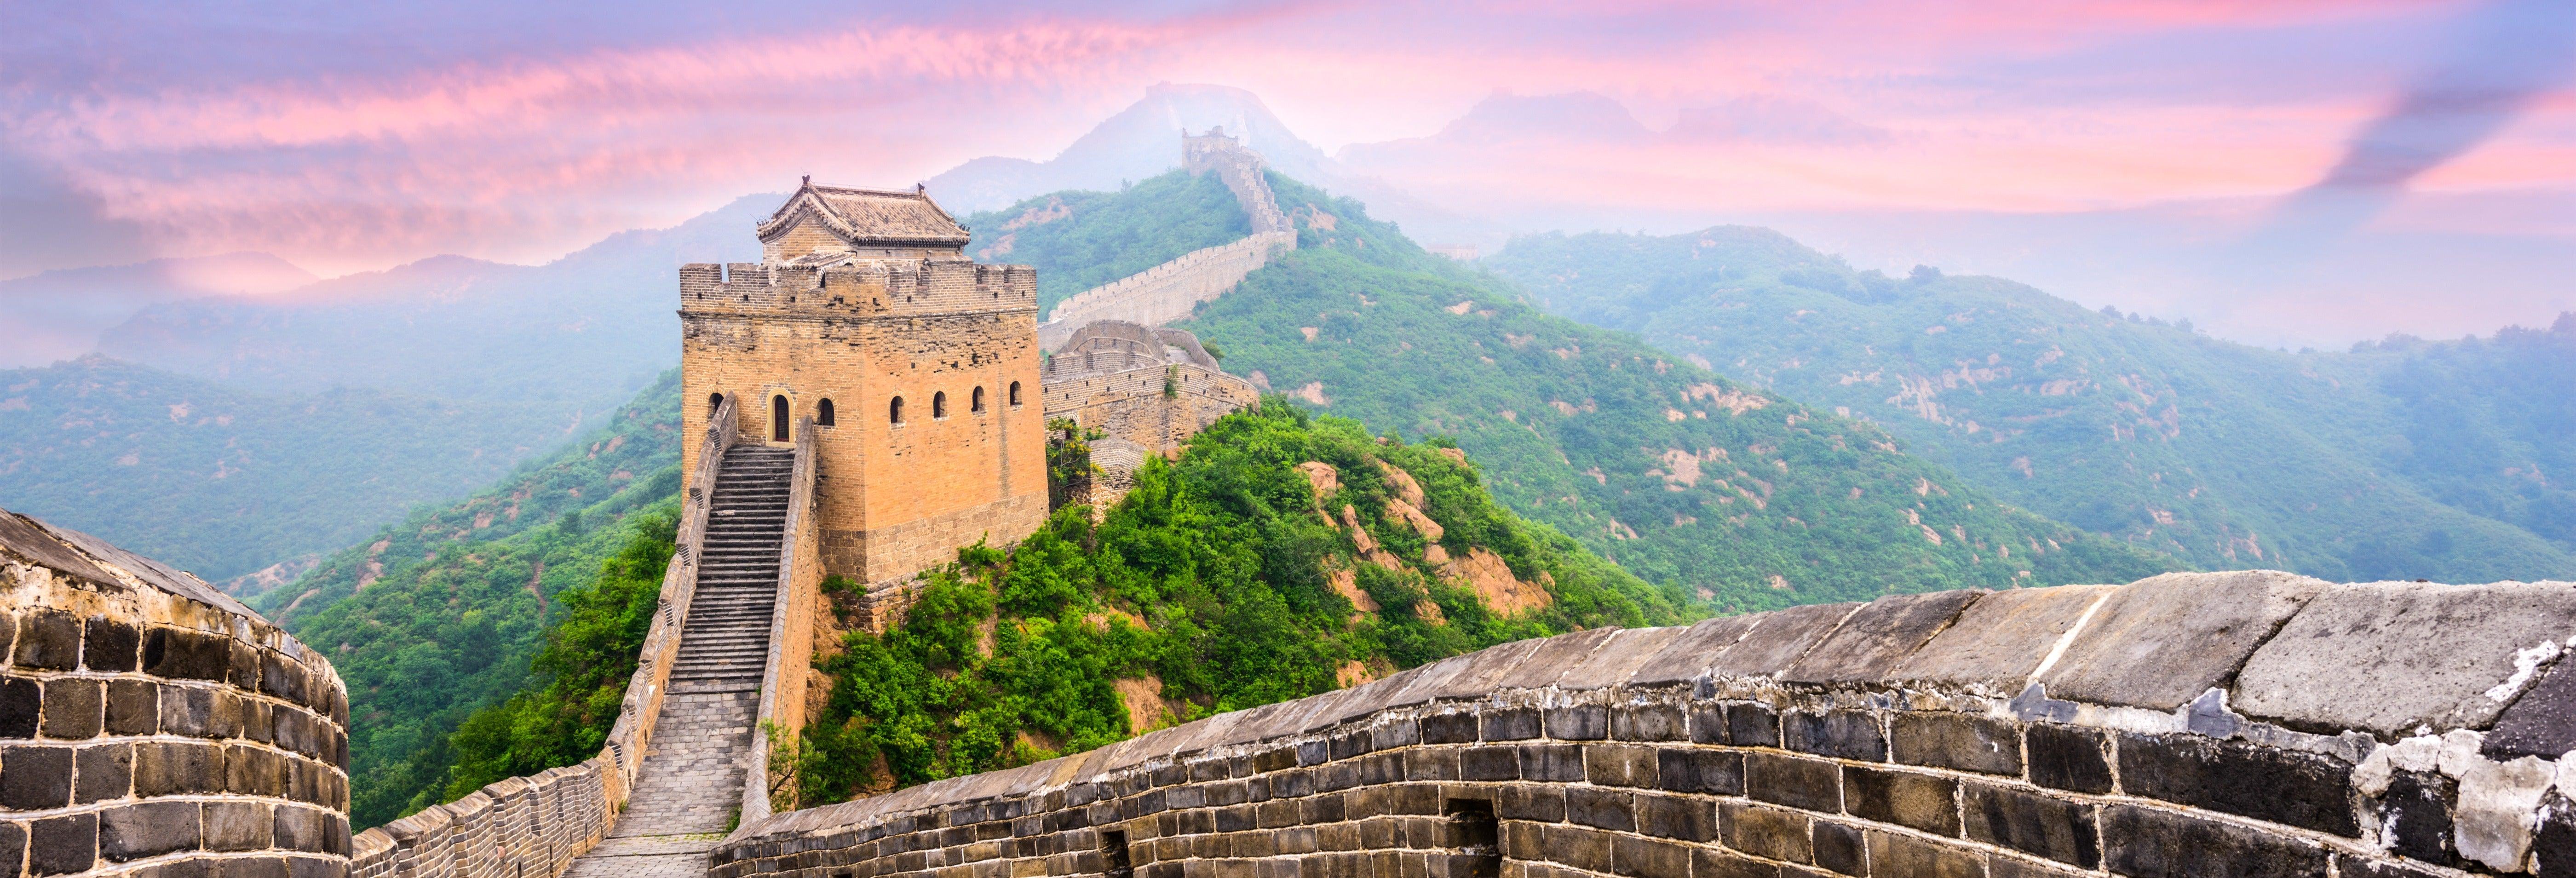 Trekking sulla Muraglia Cinese di Jinshanling